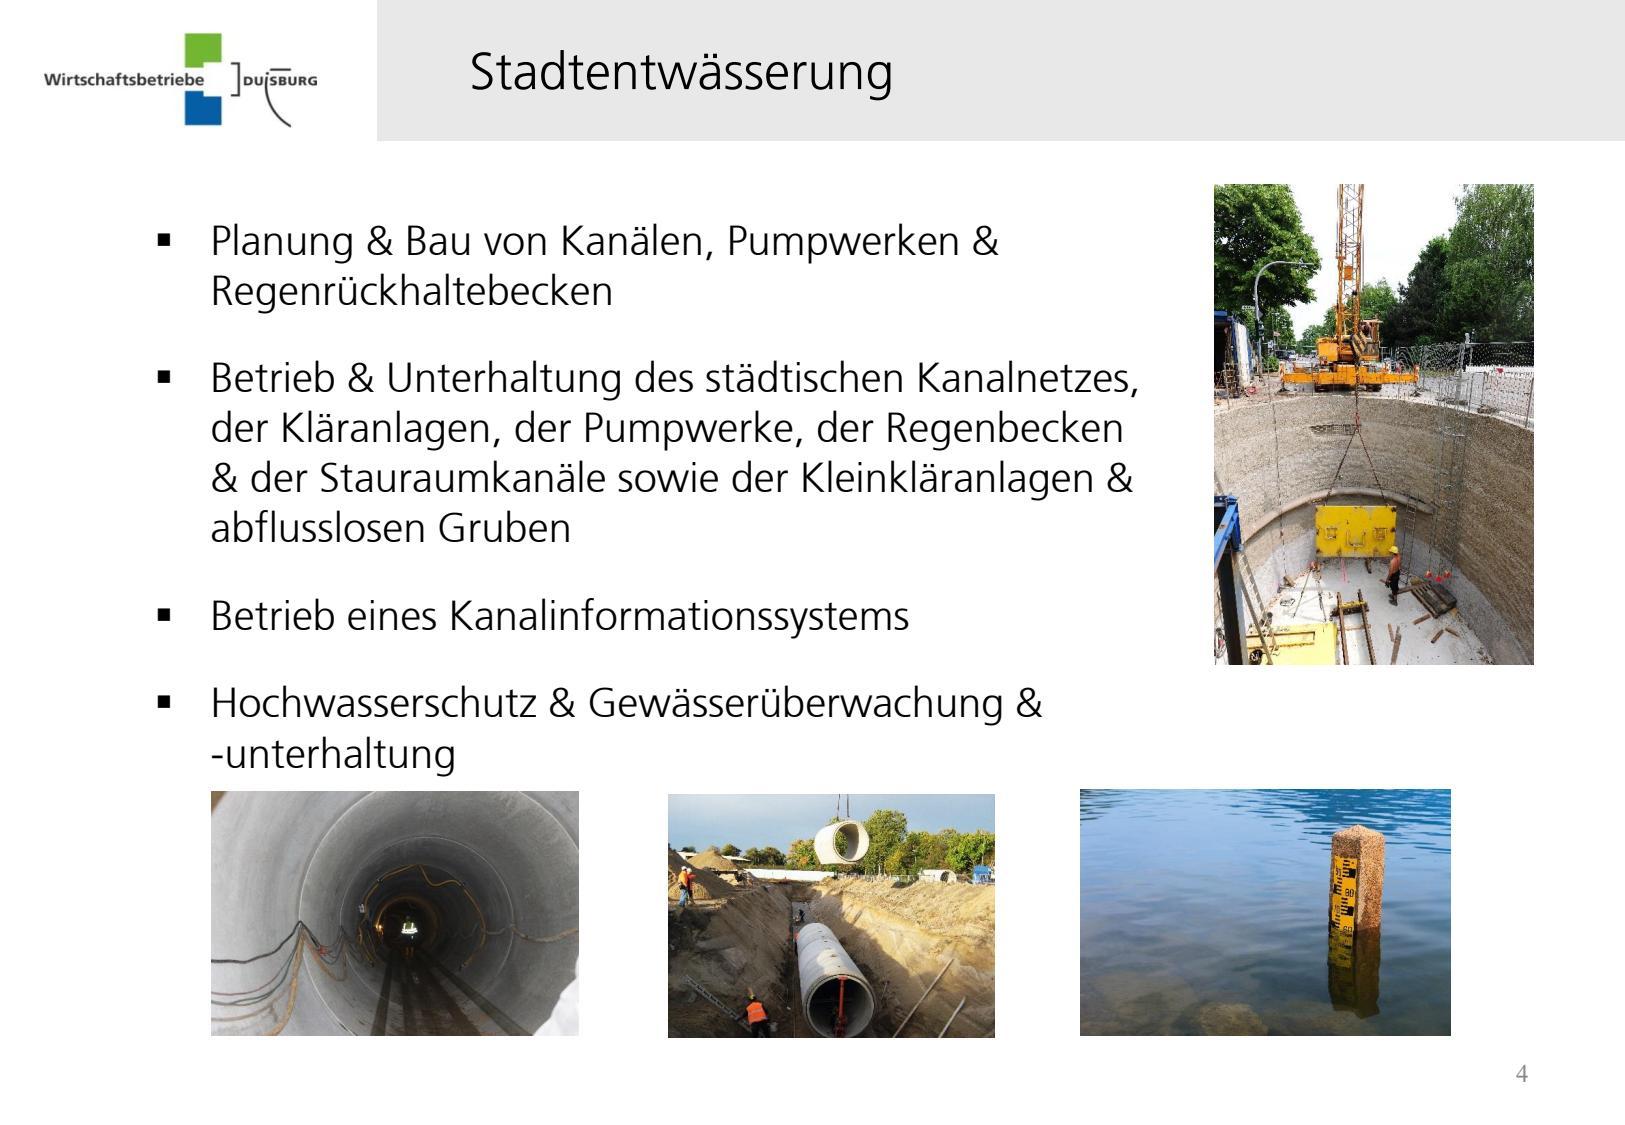 Wirtschaftsbetriebe Duisburg-AöR_page_4